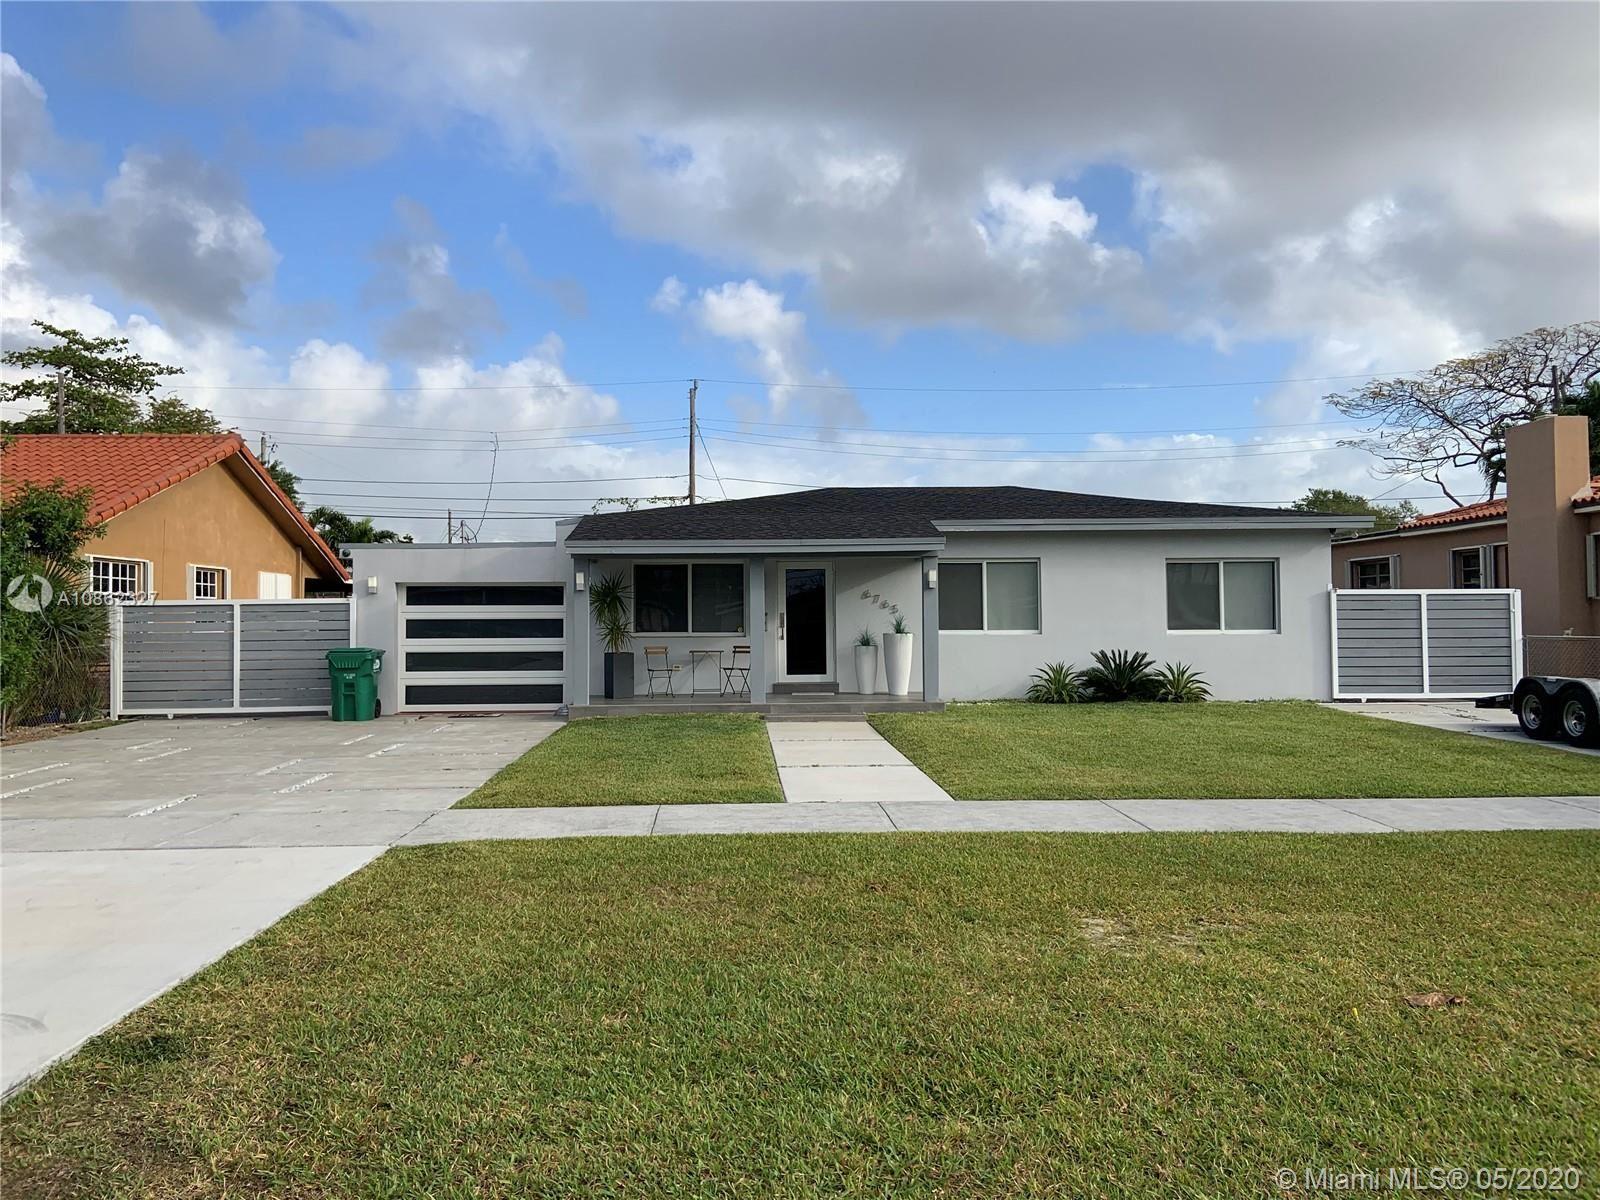 6765 SW 39th St, Miami, FL 33155 - #: A10862327